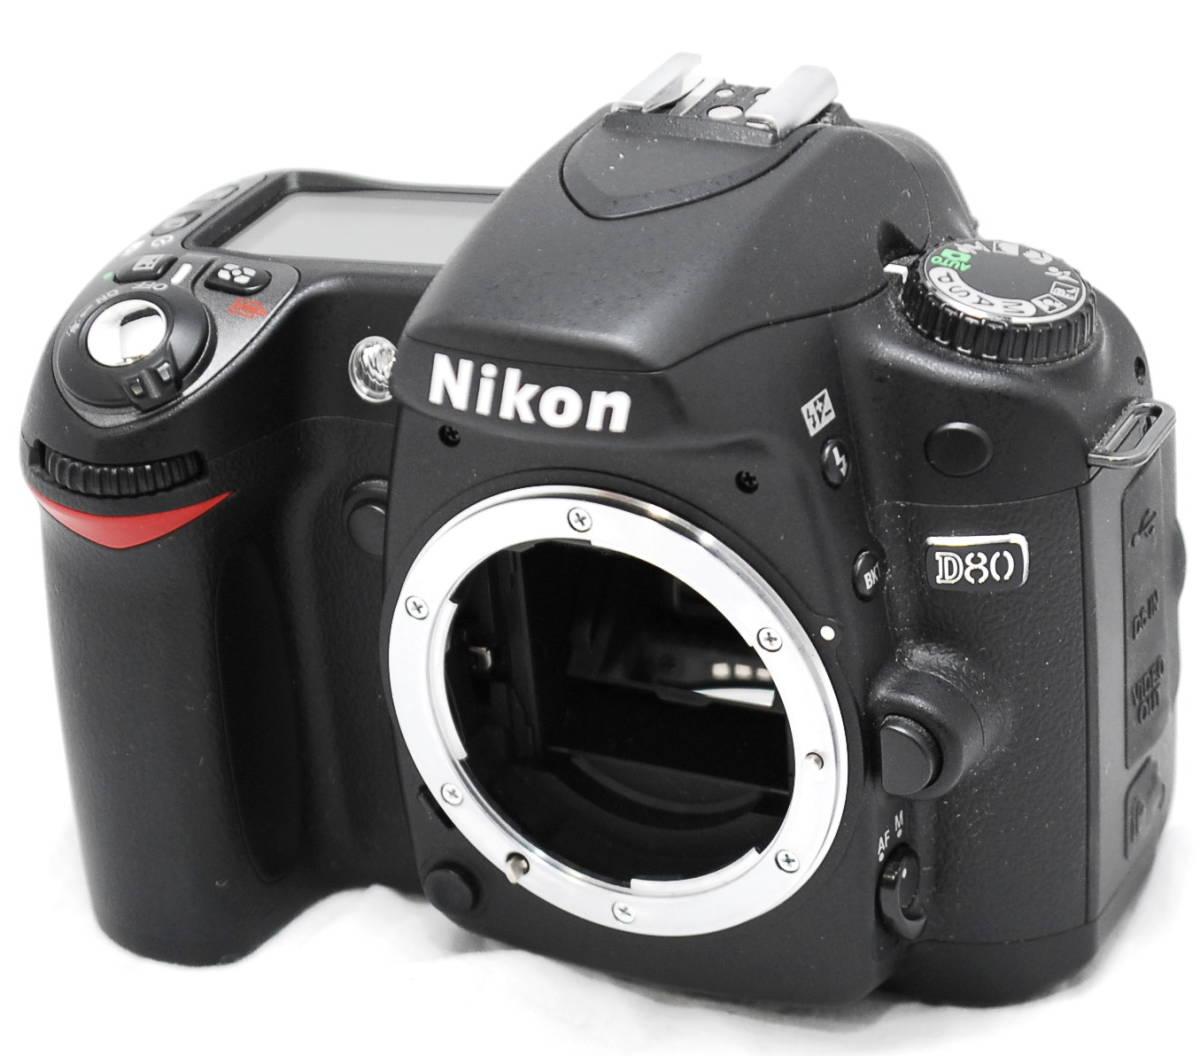 【良品・動作未確認】Nikon ニコン D80  ジャンク